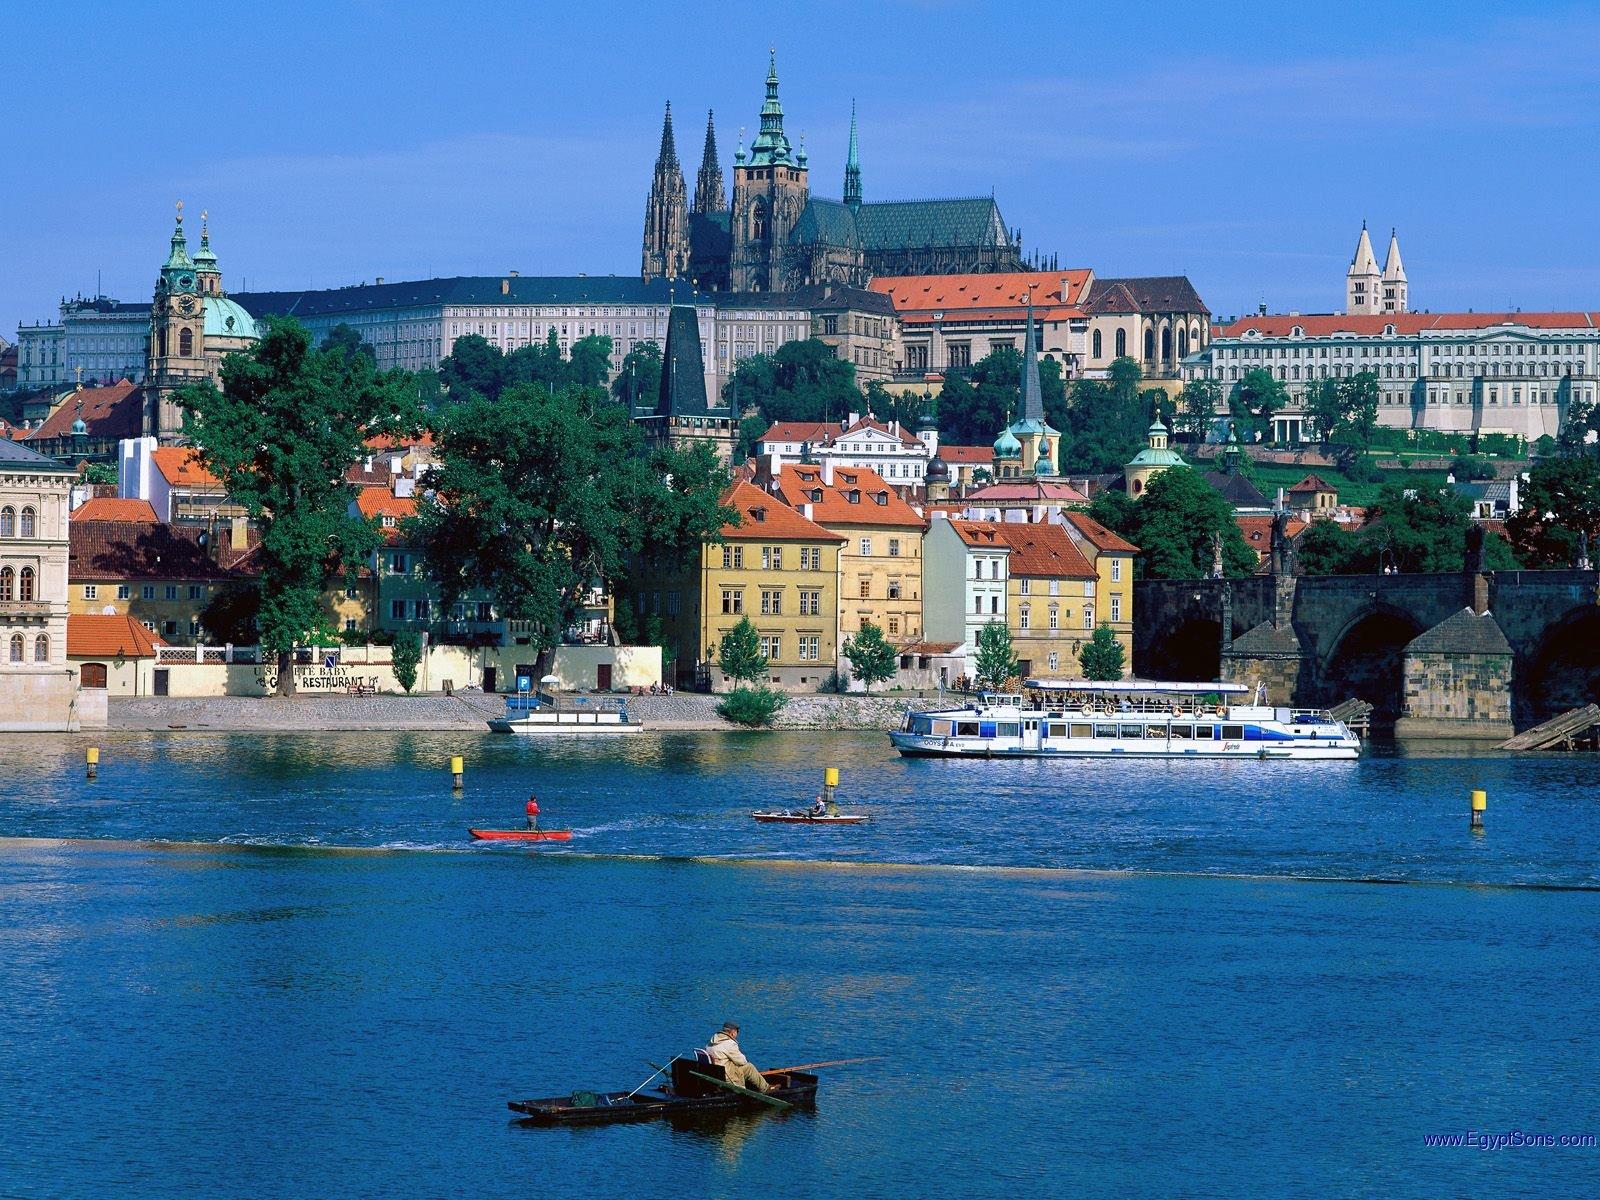 Ověřené casino hry. Promo akce - bonusy až 1,500€ | Czech